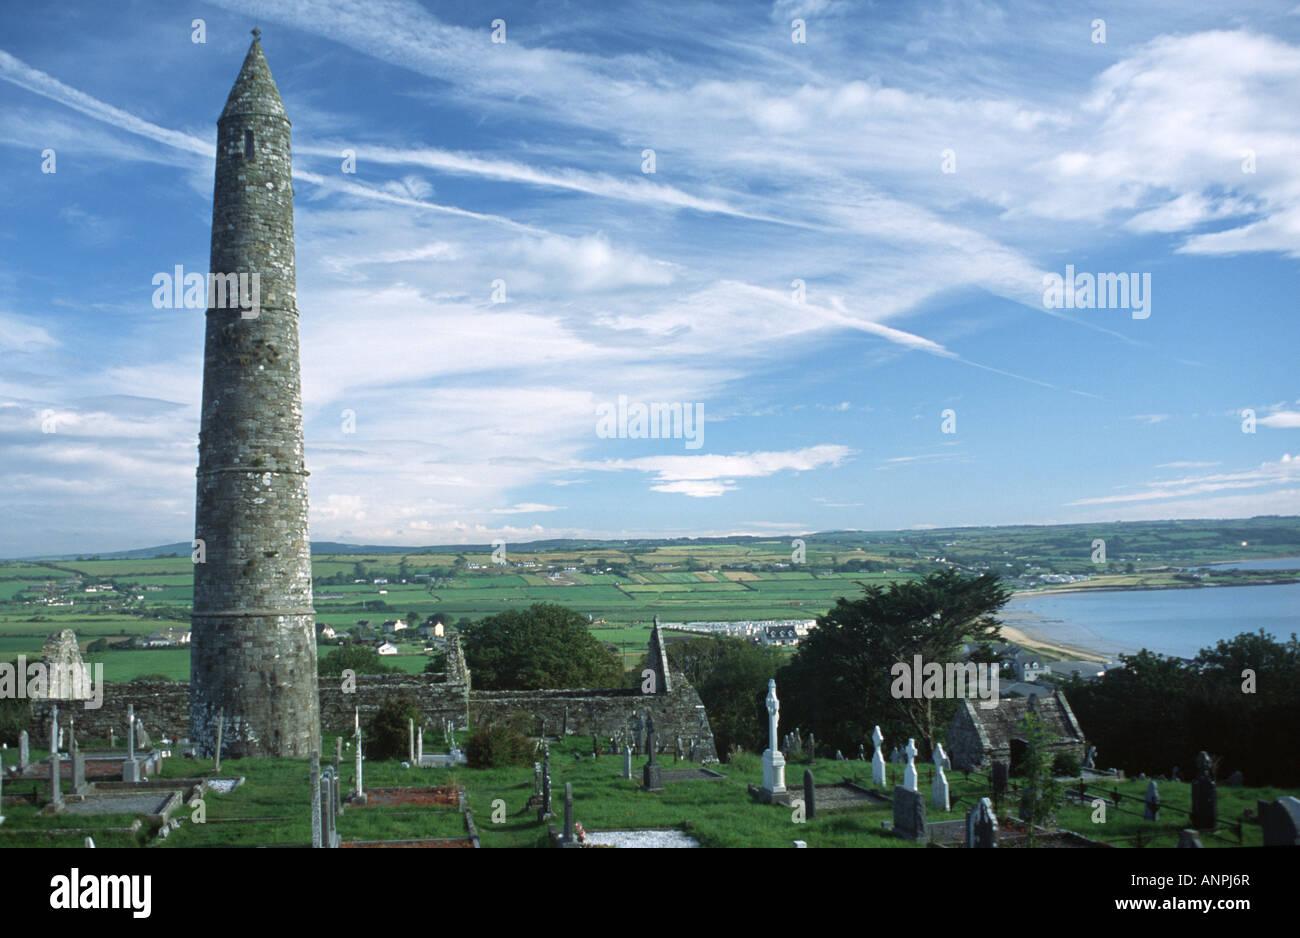 Early Christian Ireland - Megalithic Ireland